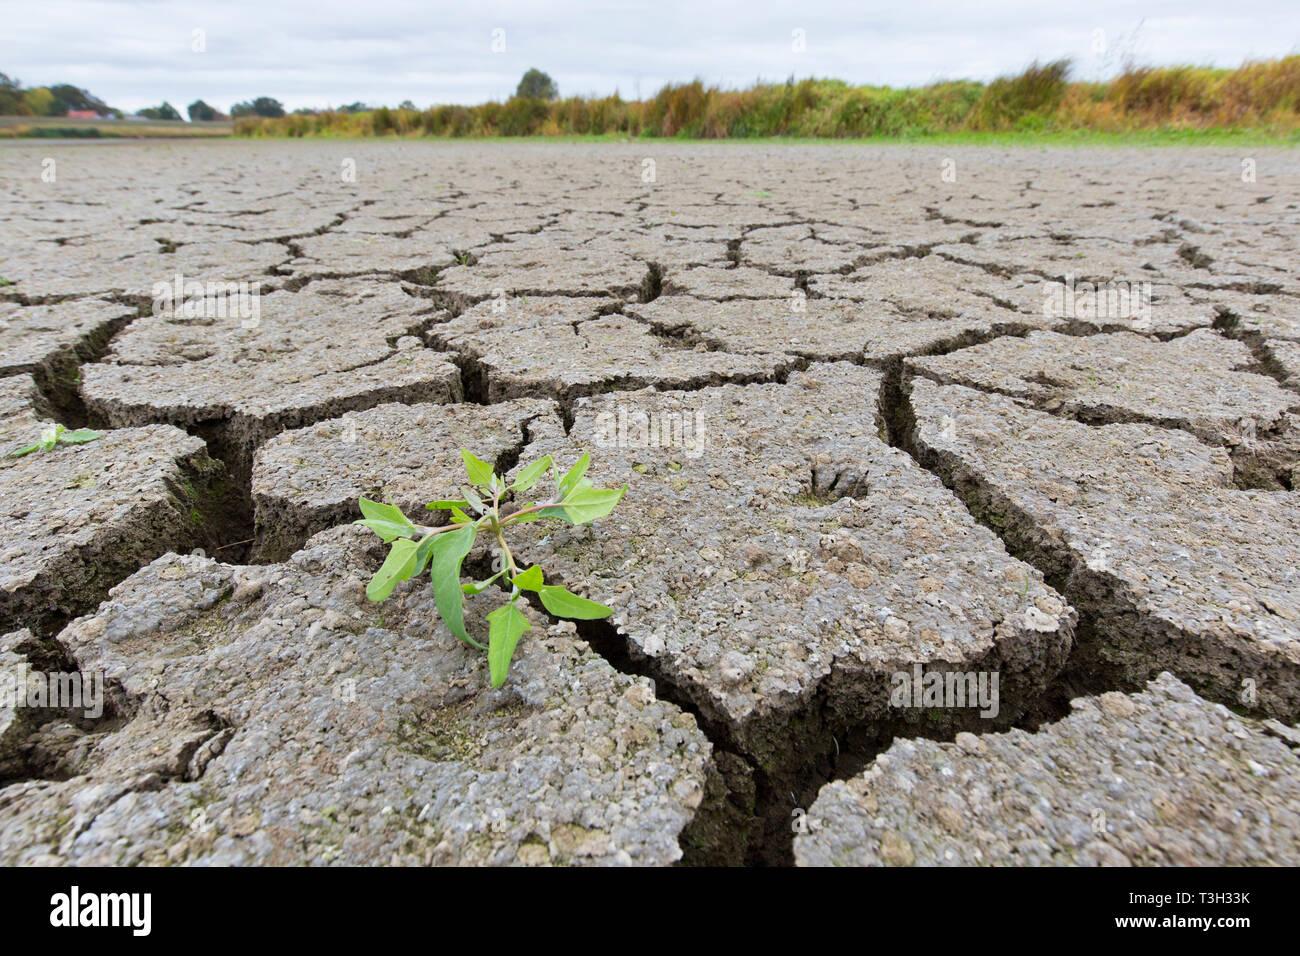 Nuovo germoglio delle piante in secco argilla incrinato il fango essiccato fino al lago letto / riverbed causato da una prolungata siccità in estate in clima caldo temperature Foto Stock